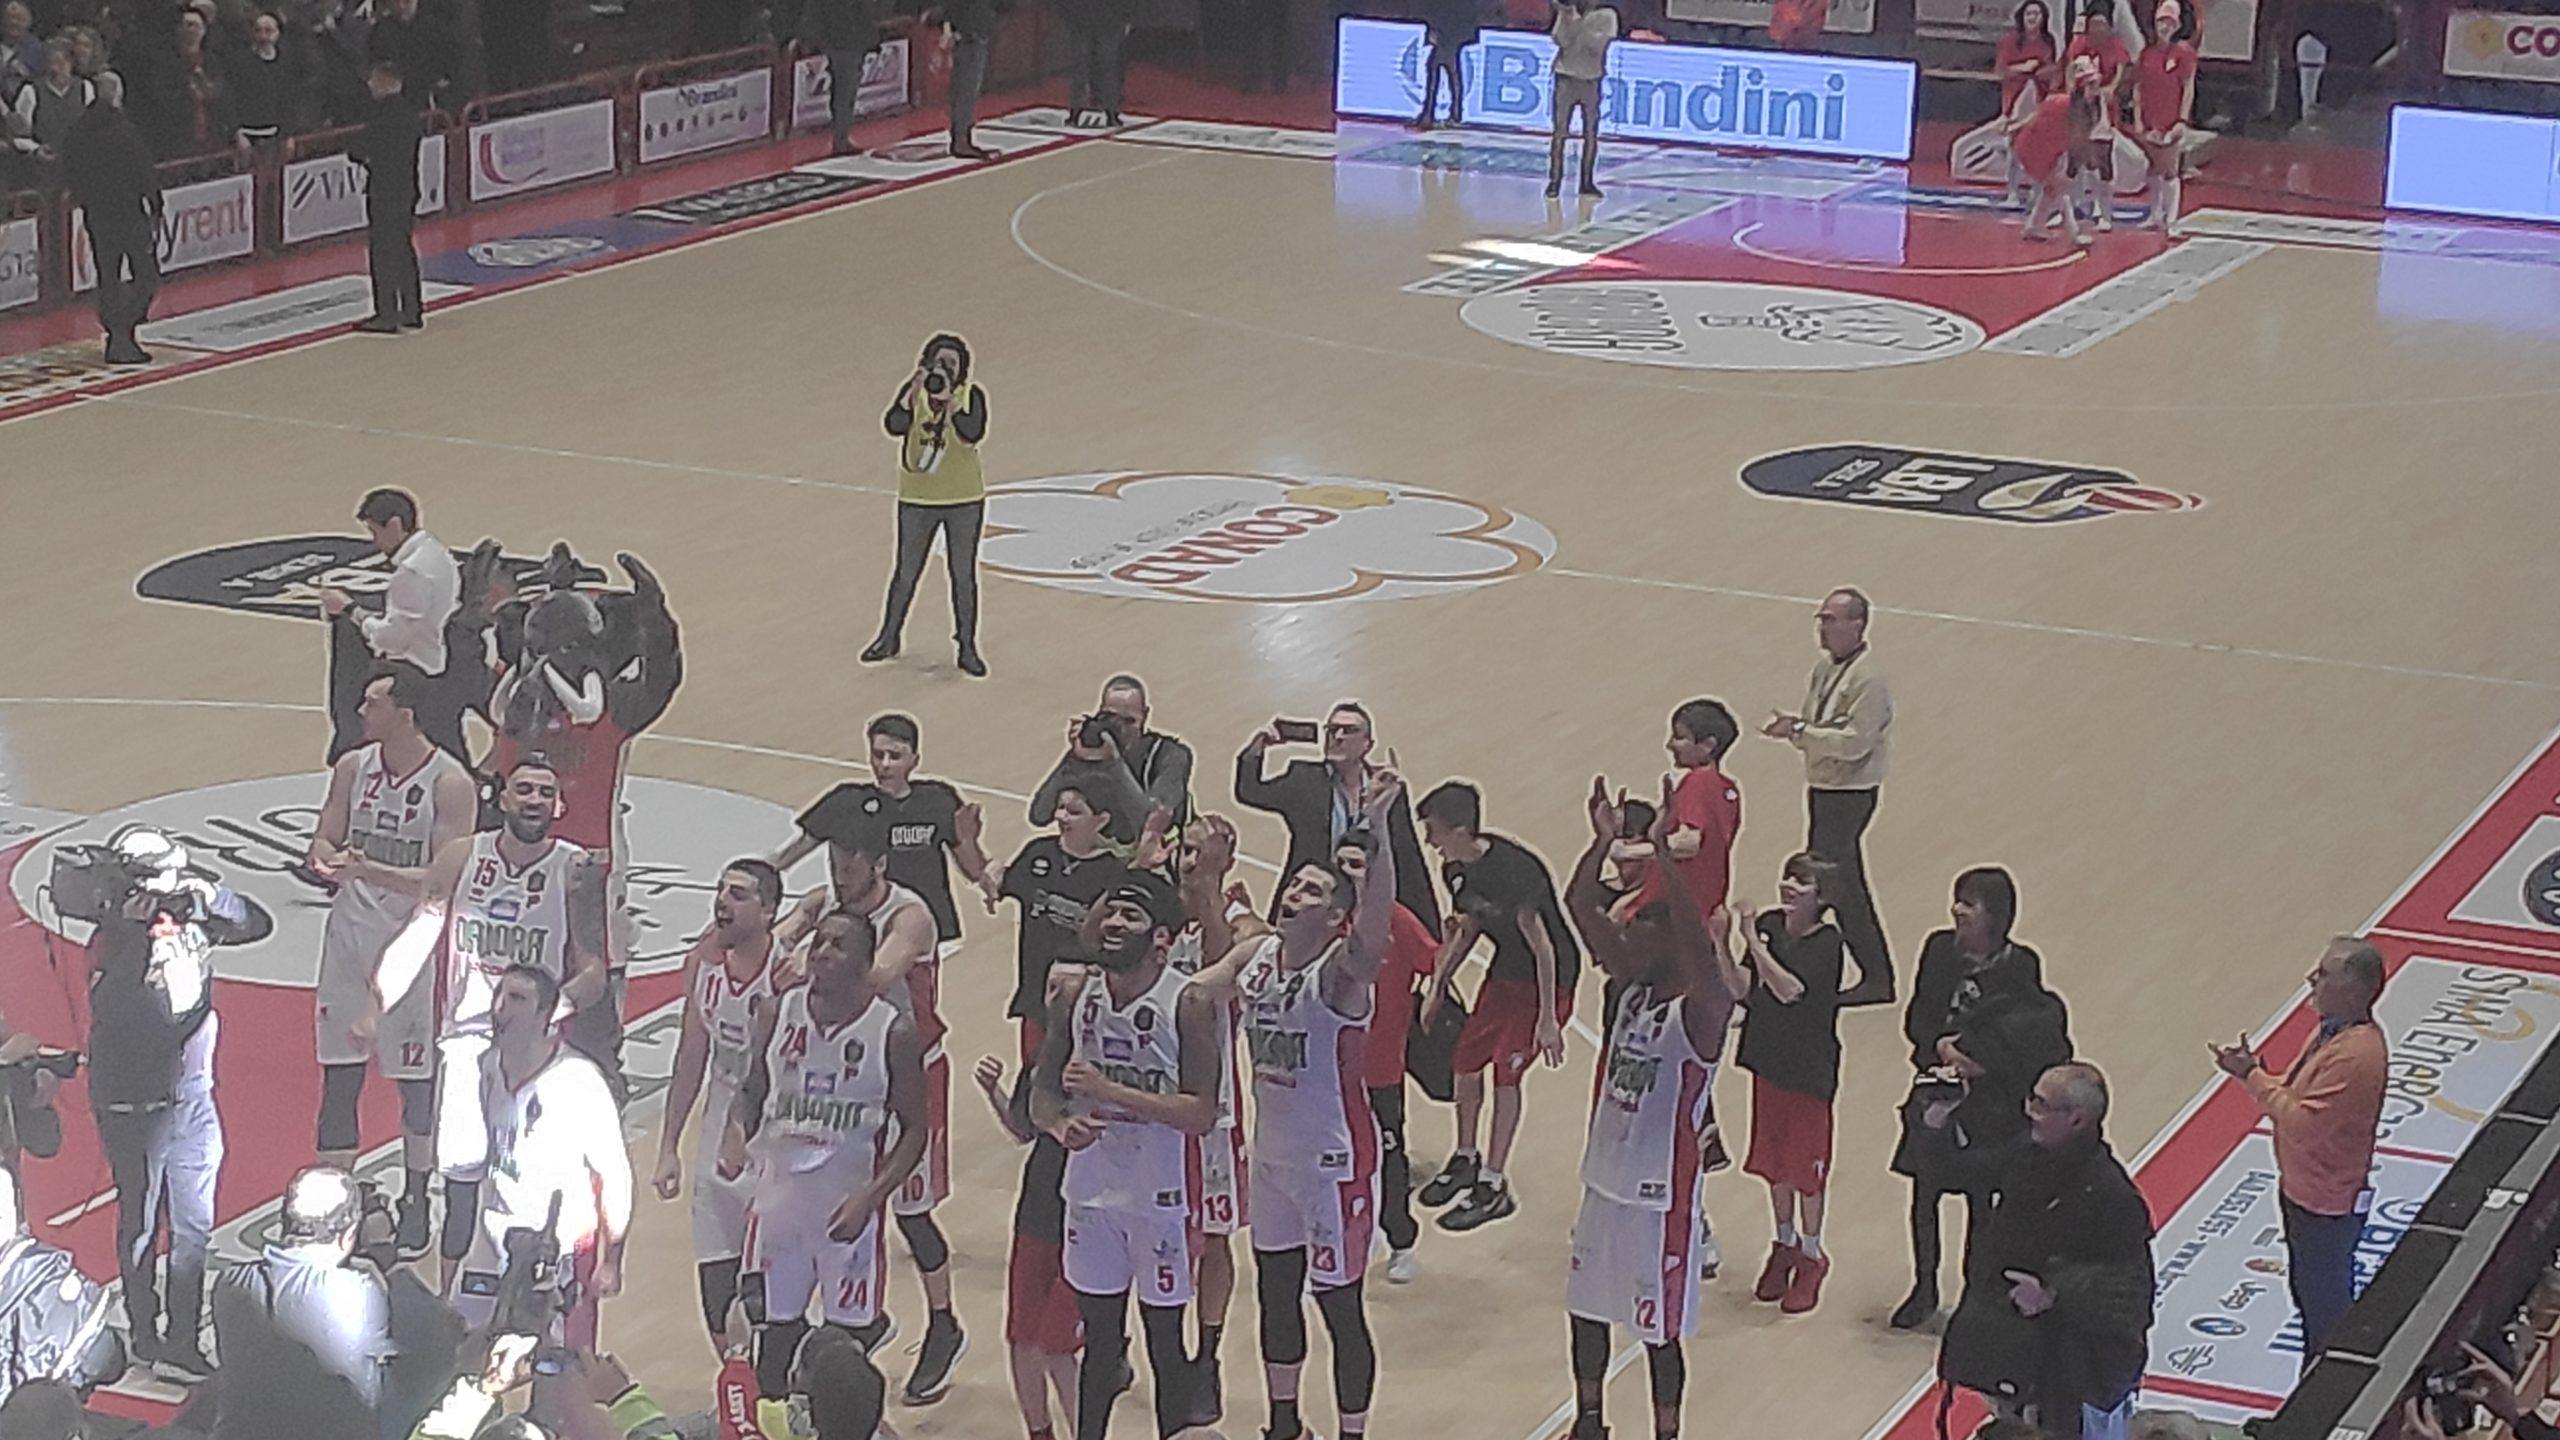 Legabasket LBA 14^andata 2019-20: OriOra Pistoia si aggiudica lo scontro salvezza vs Carpegna Prosciutto Pesaro